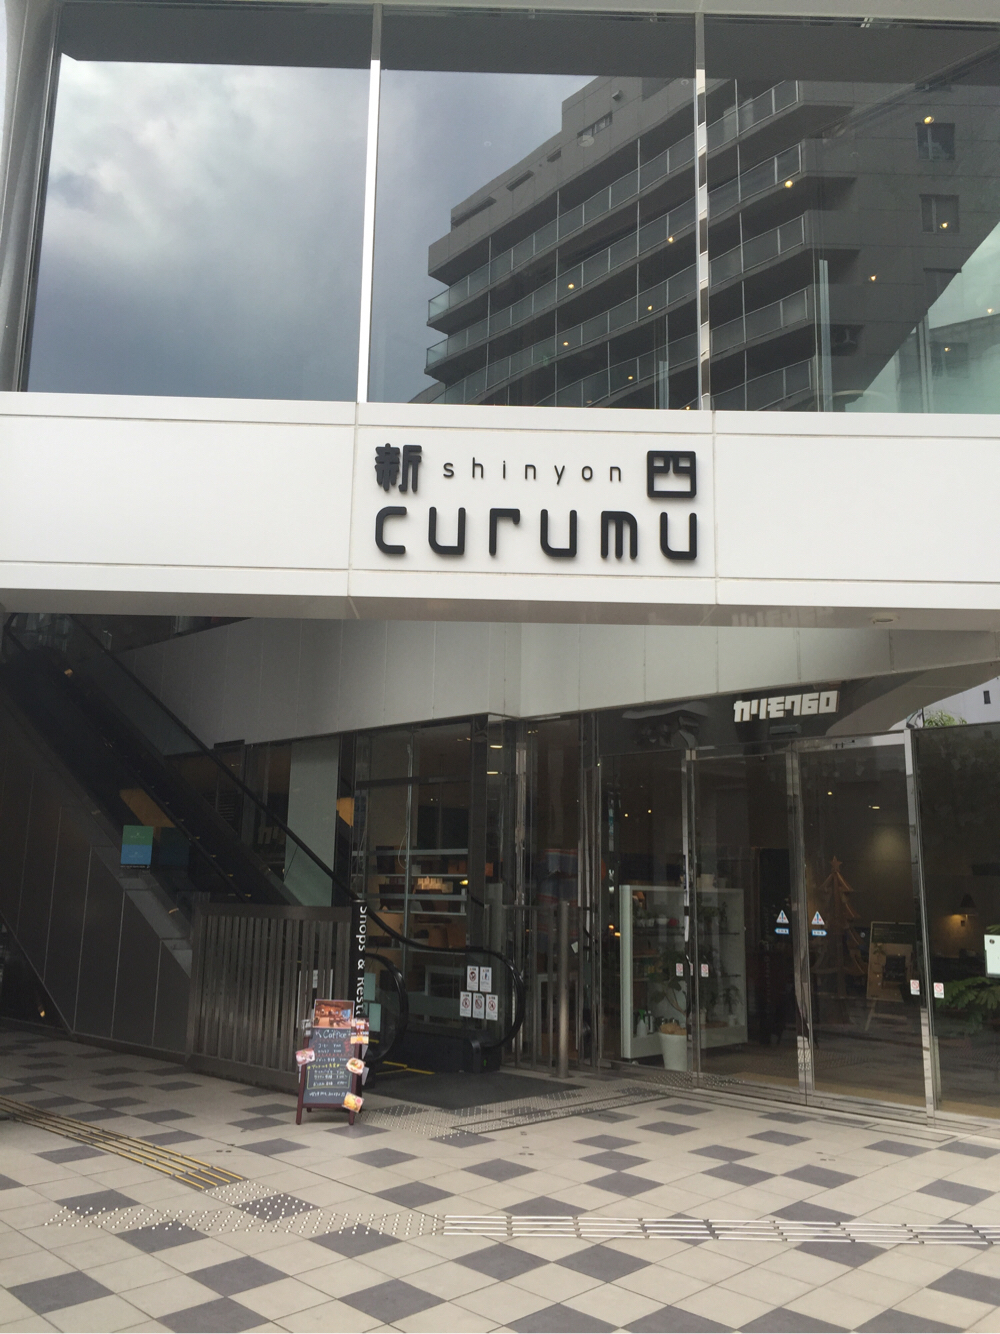 新宿の電源カフェ「Caffice」は居心地良くて全席電源あって良い感じでノマドれそう